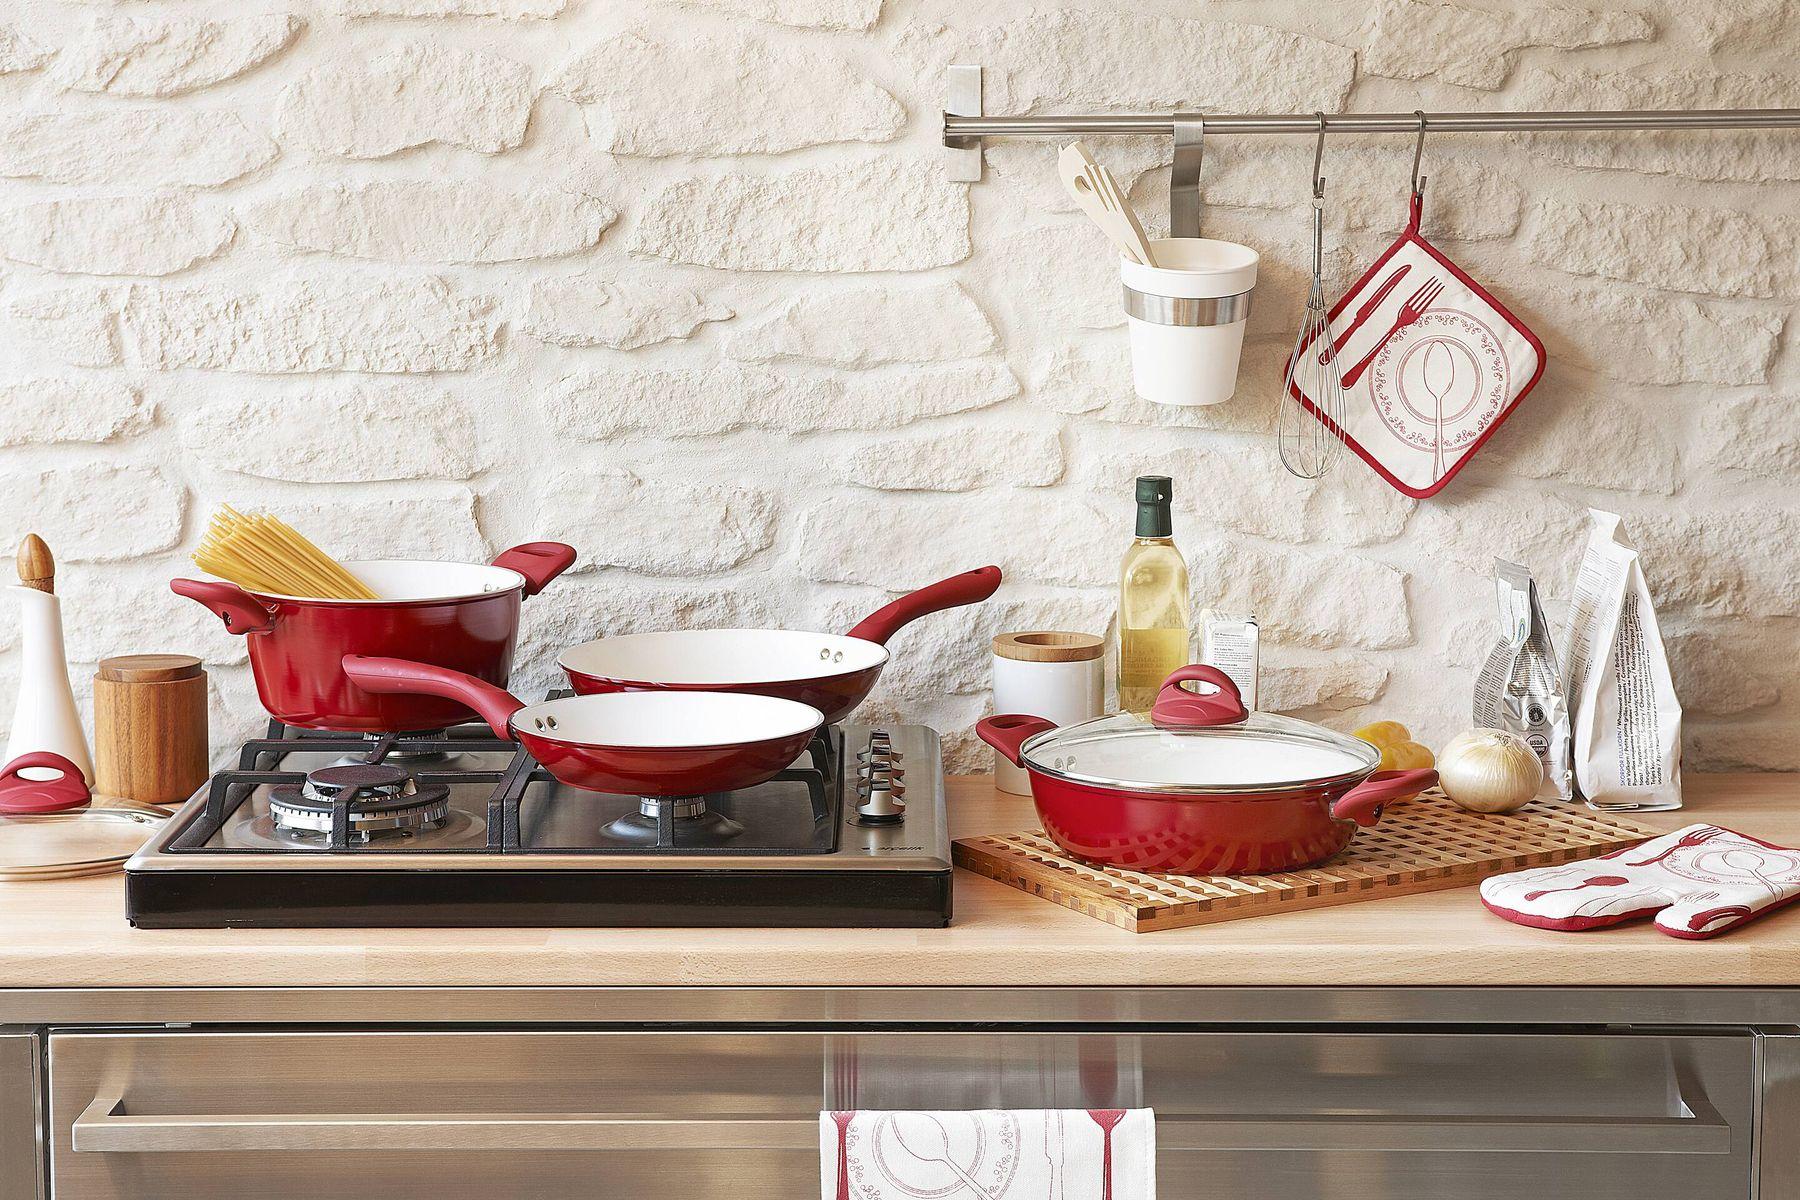 अपने घर के किचन से कीड़े-मकोड़ों को कैसे रखें दूर | गेट सेट क्लीन